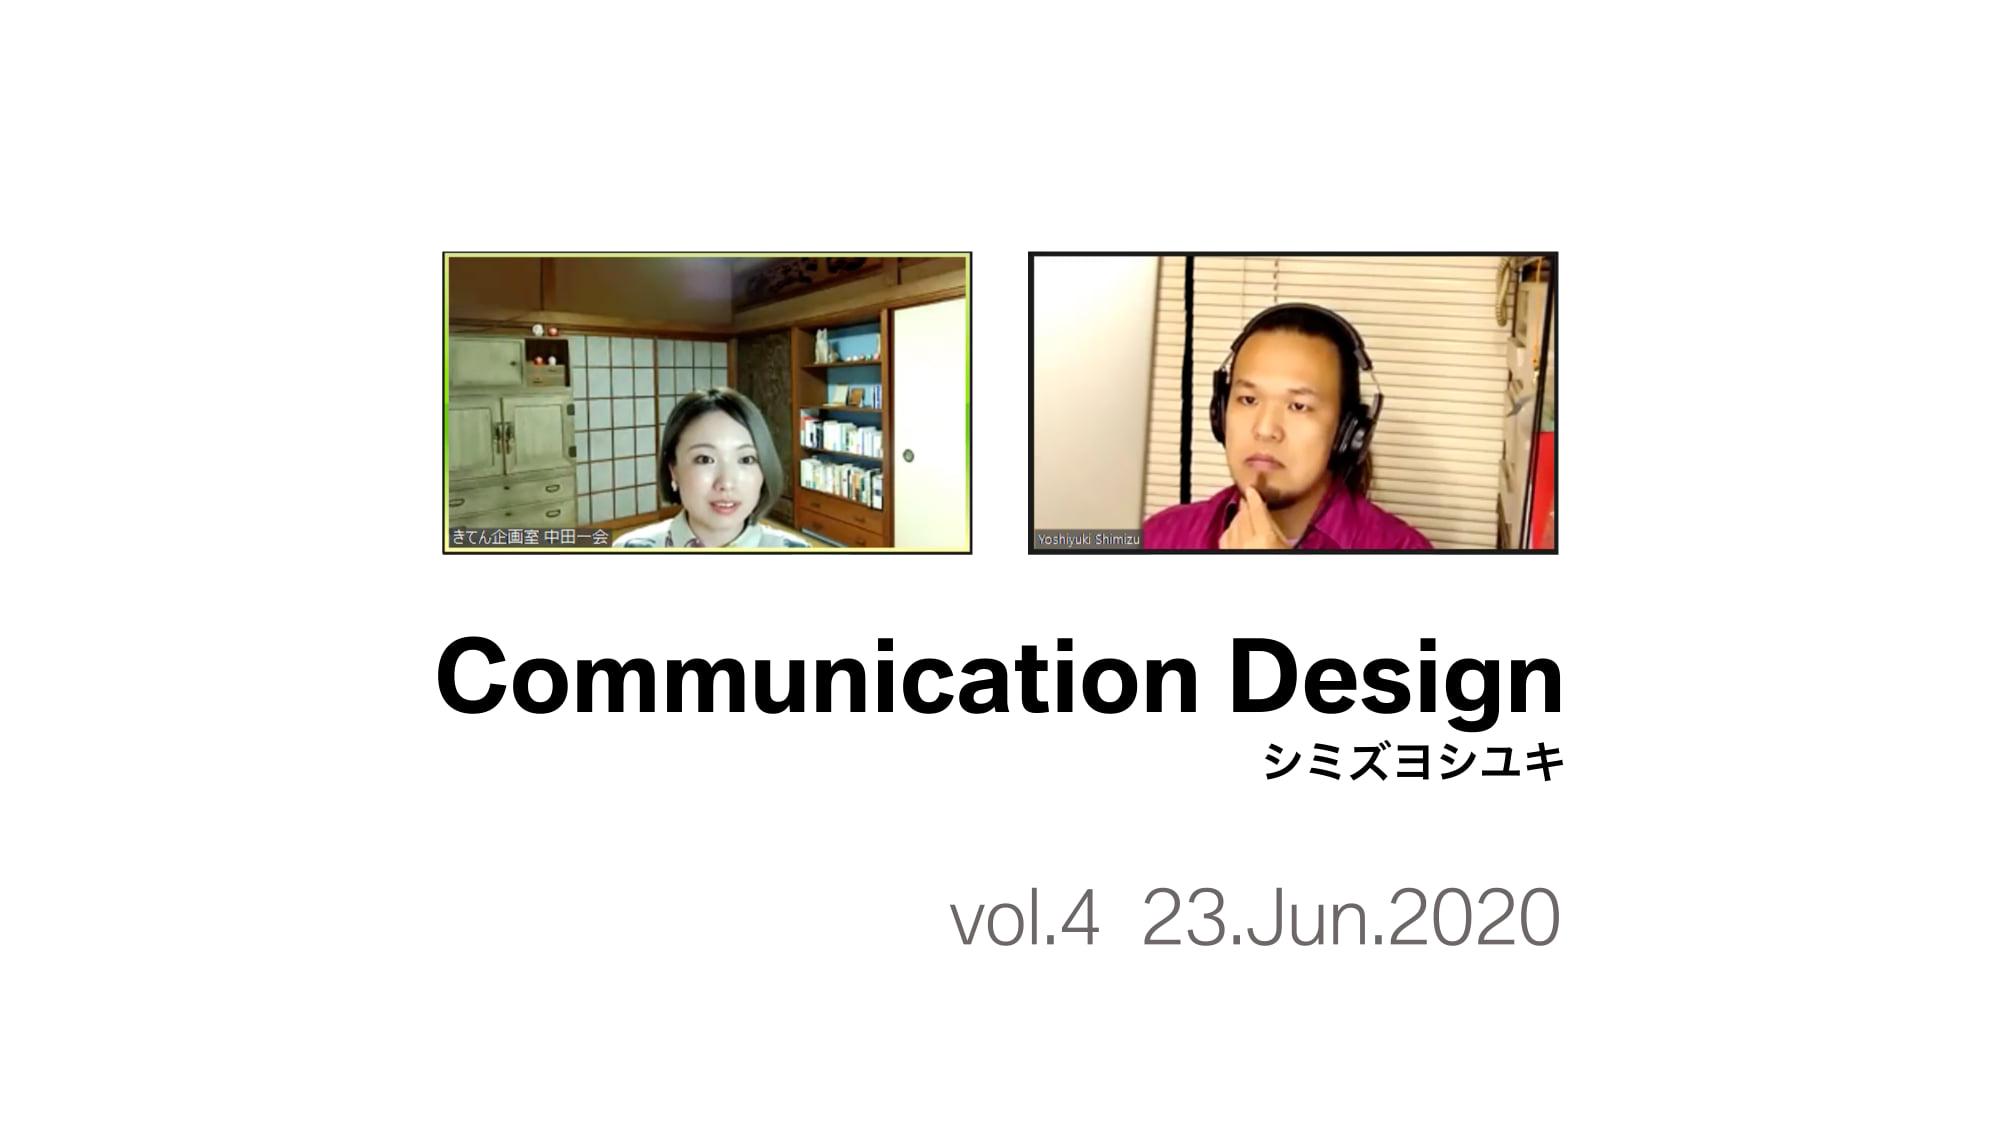 東京工科大学「コミュニケーションデザイン」